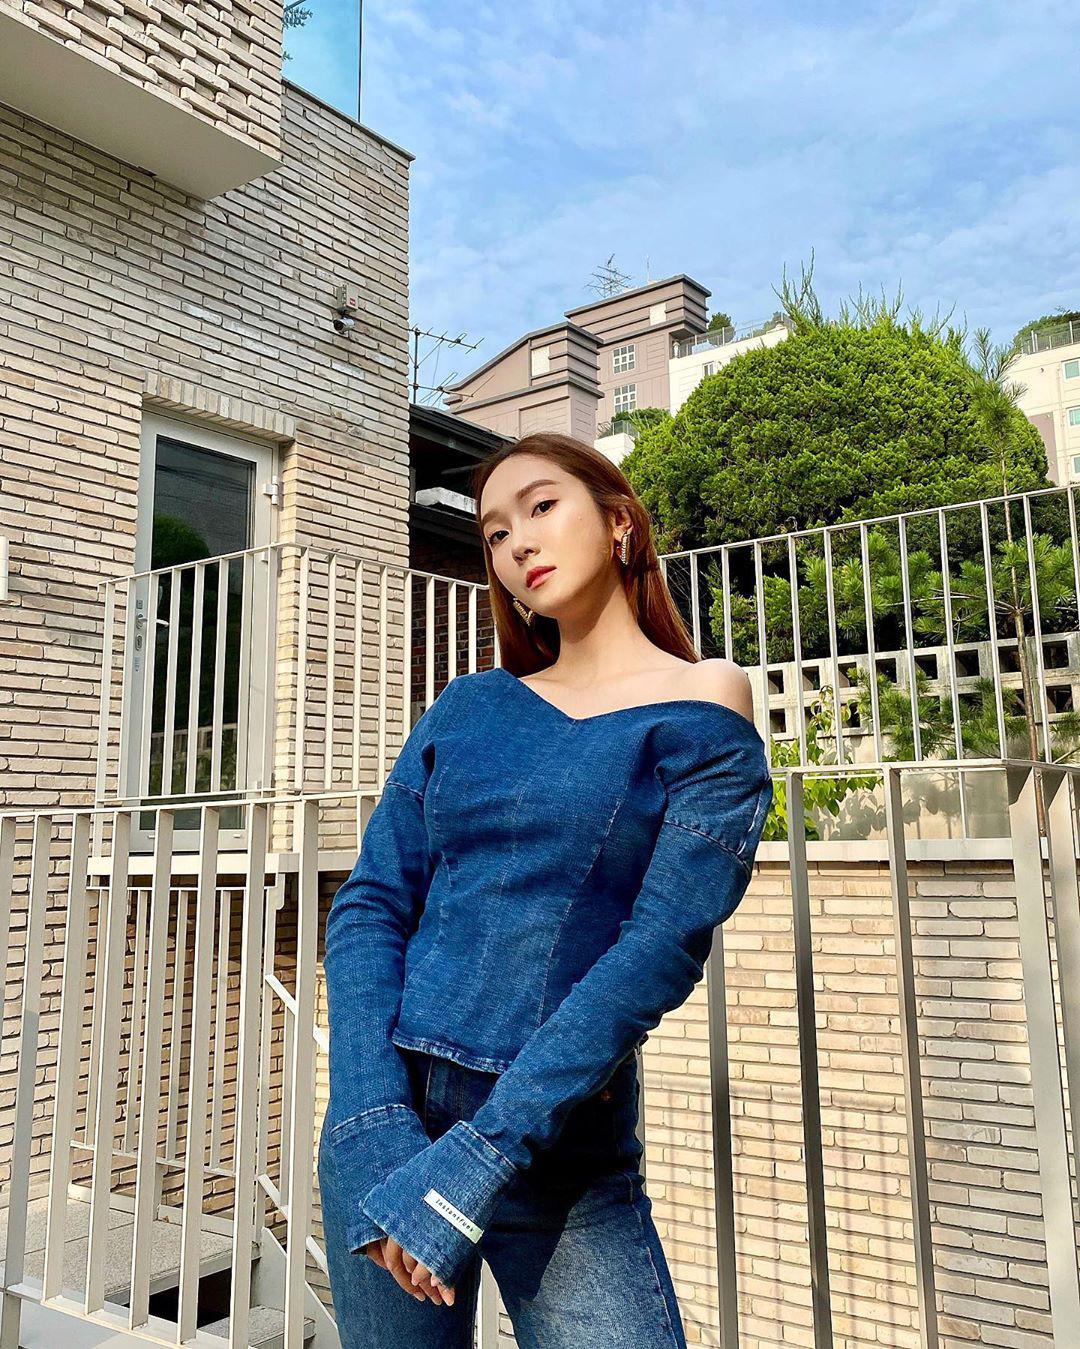 11 set đồ đời thường xinh trẻ của sao Hàn là ý tưởng mặc đẹp của chị em - Ảnh 2.